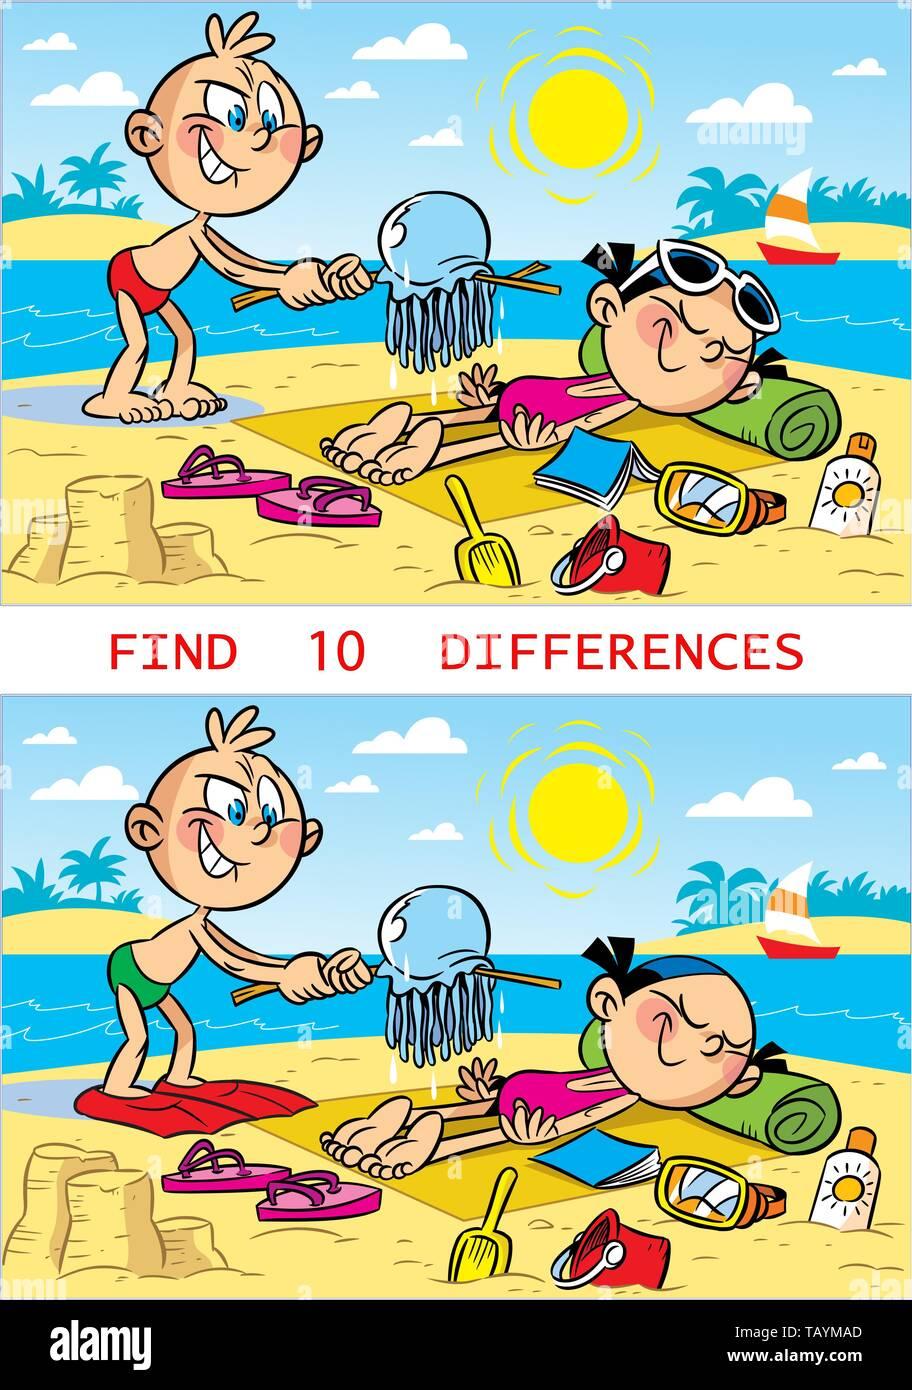 Encuentra Las Diferencias Fotos e Imágenes de stock - Alamy